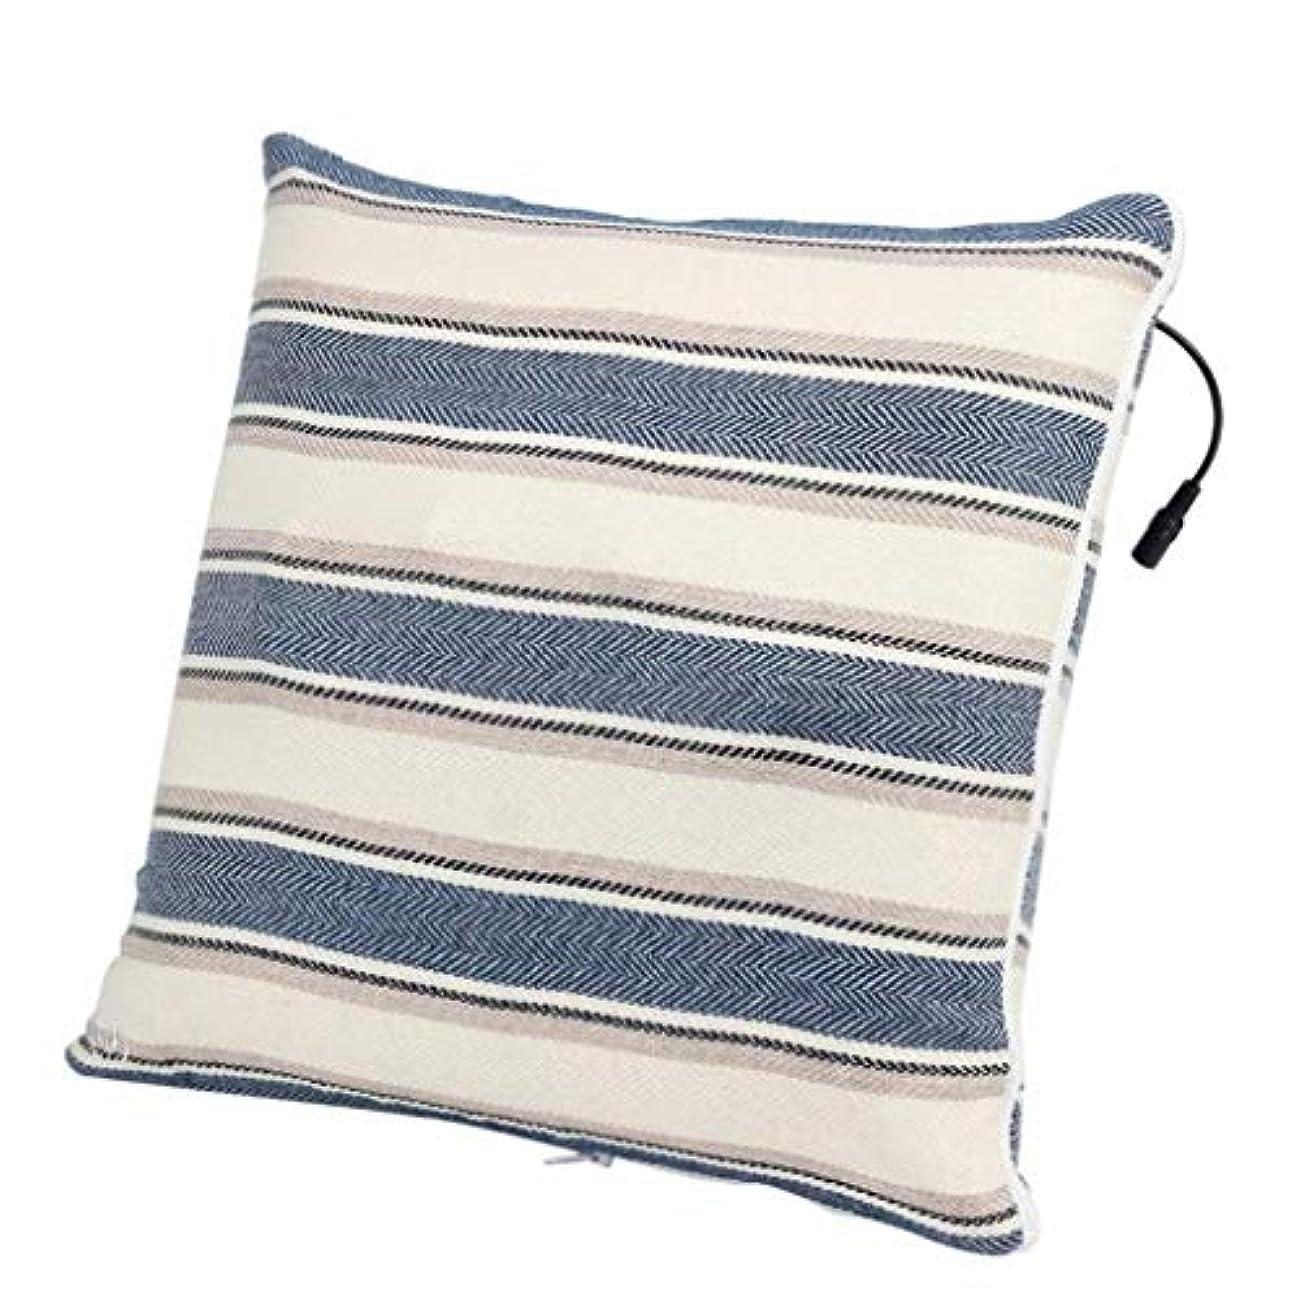 じゃない一征服者電動マッサージ枕、背中、首、肩、足の3D指圧マッサージャーで筋肉をほぐし、痛みを和らげ、持ち運びが簡単